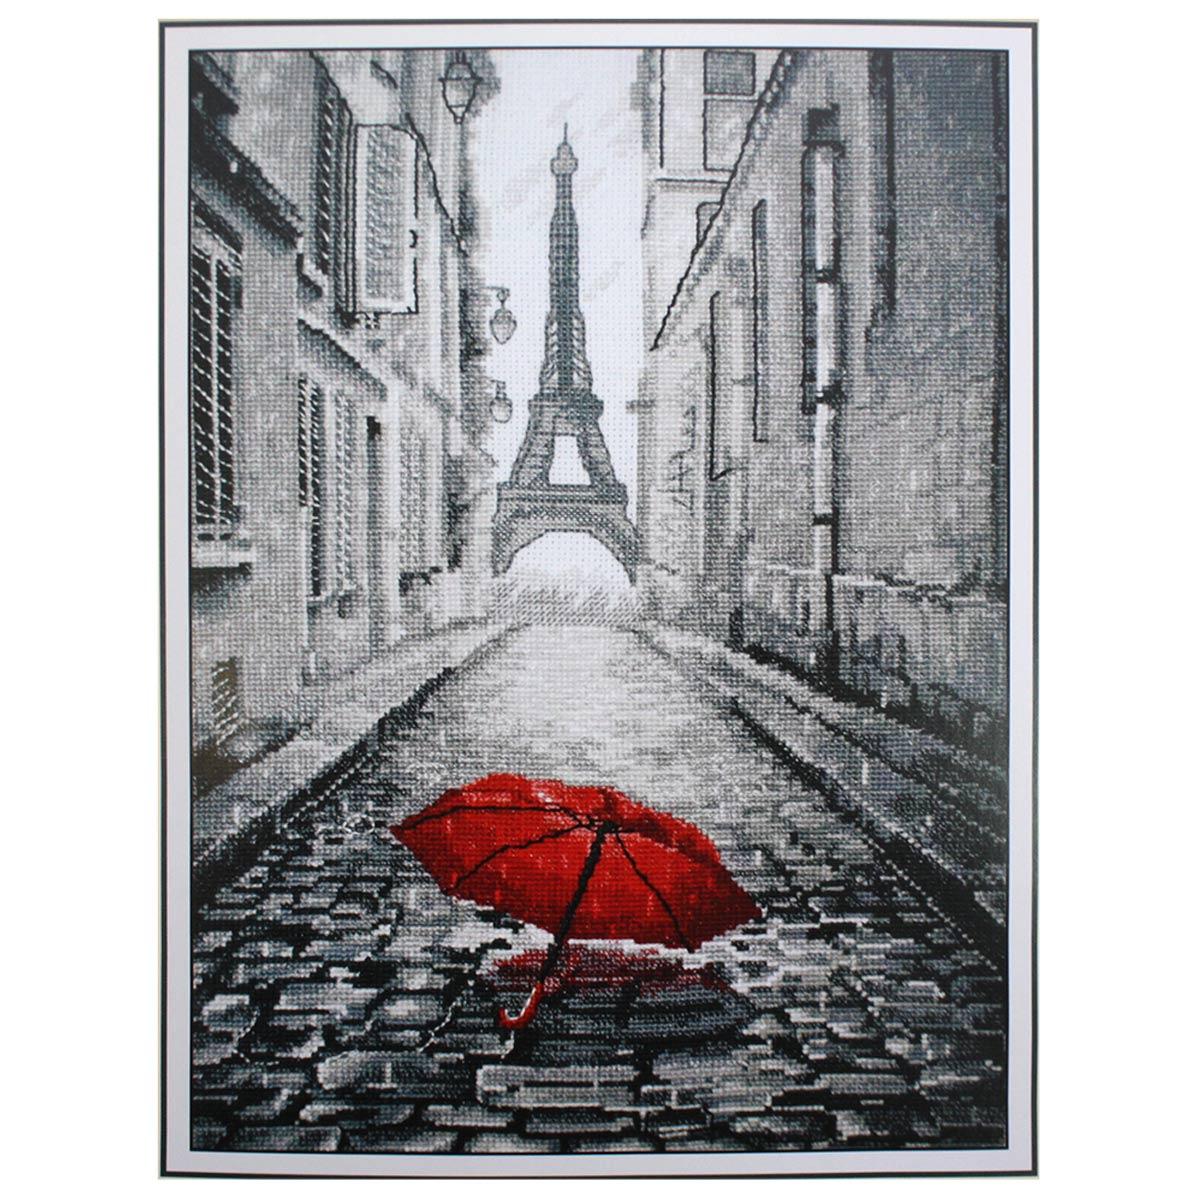 868 Набор для вышивания 'Овен' 'В Париже дождь', 20*29 см